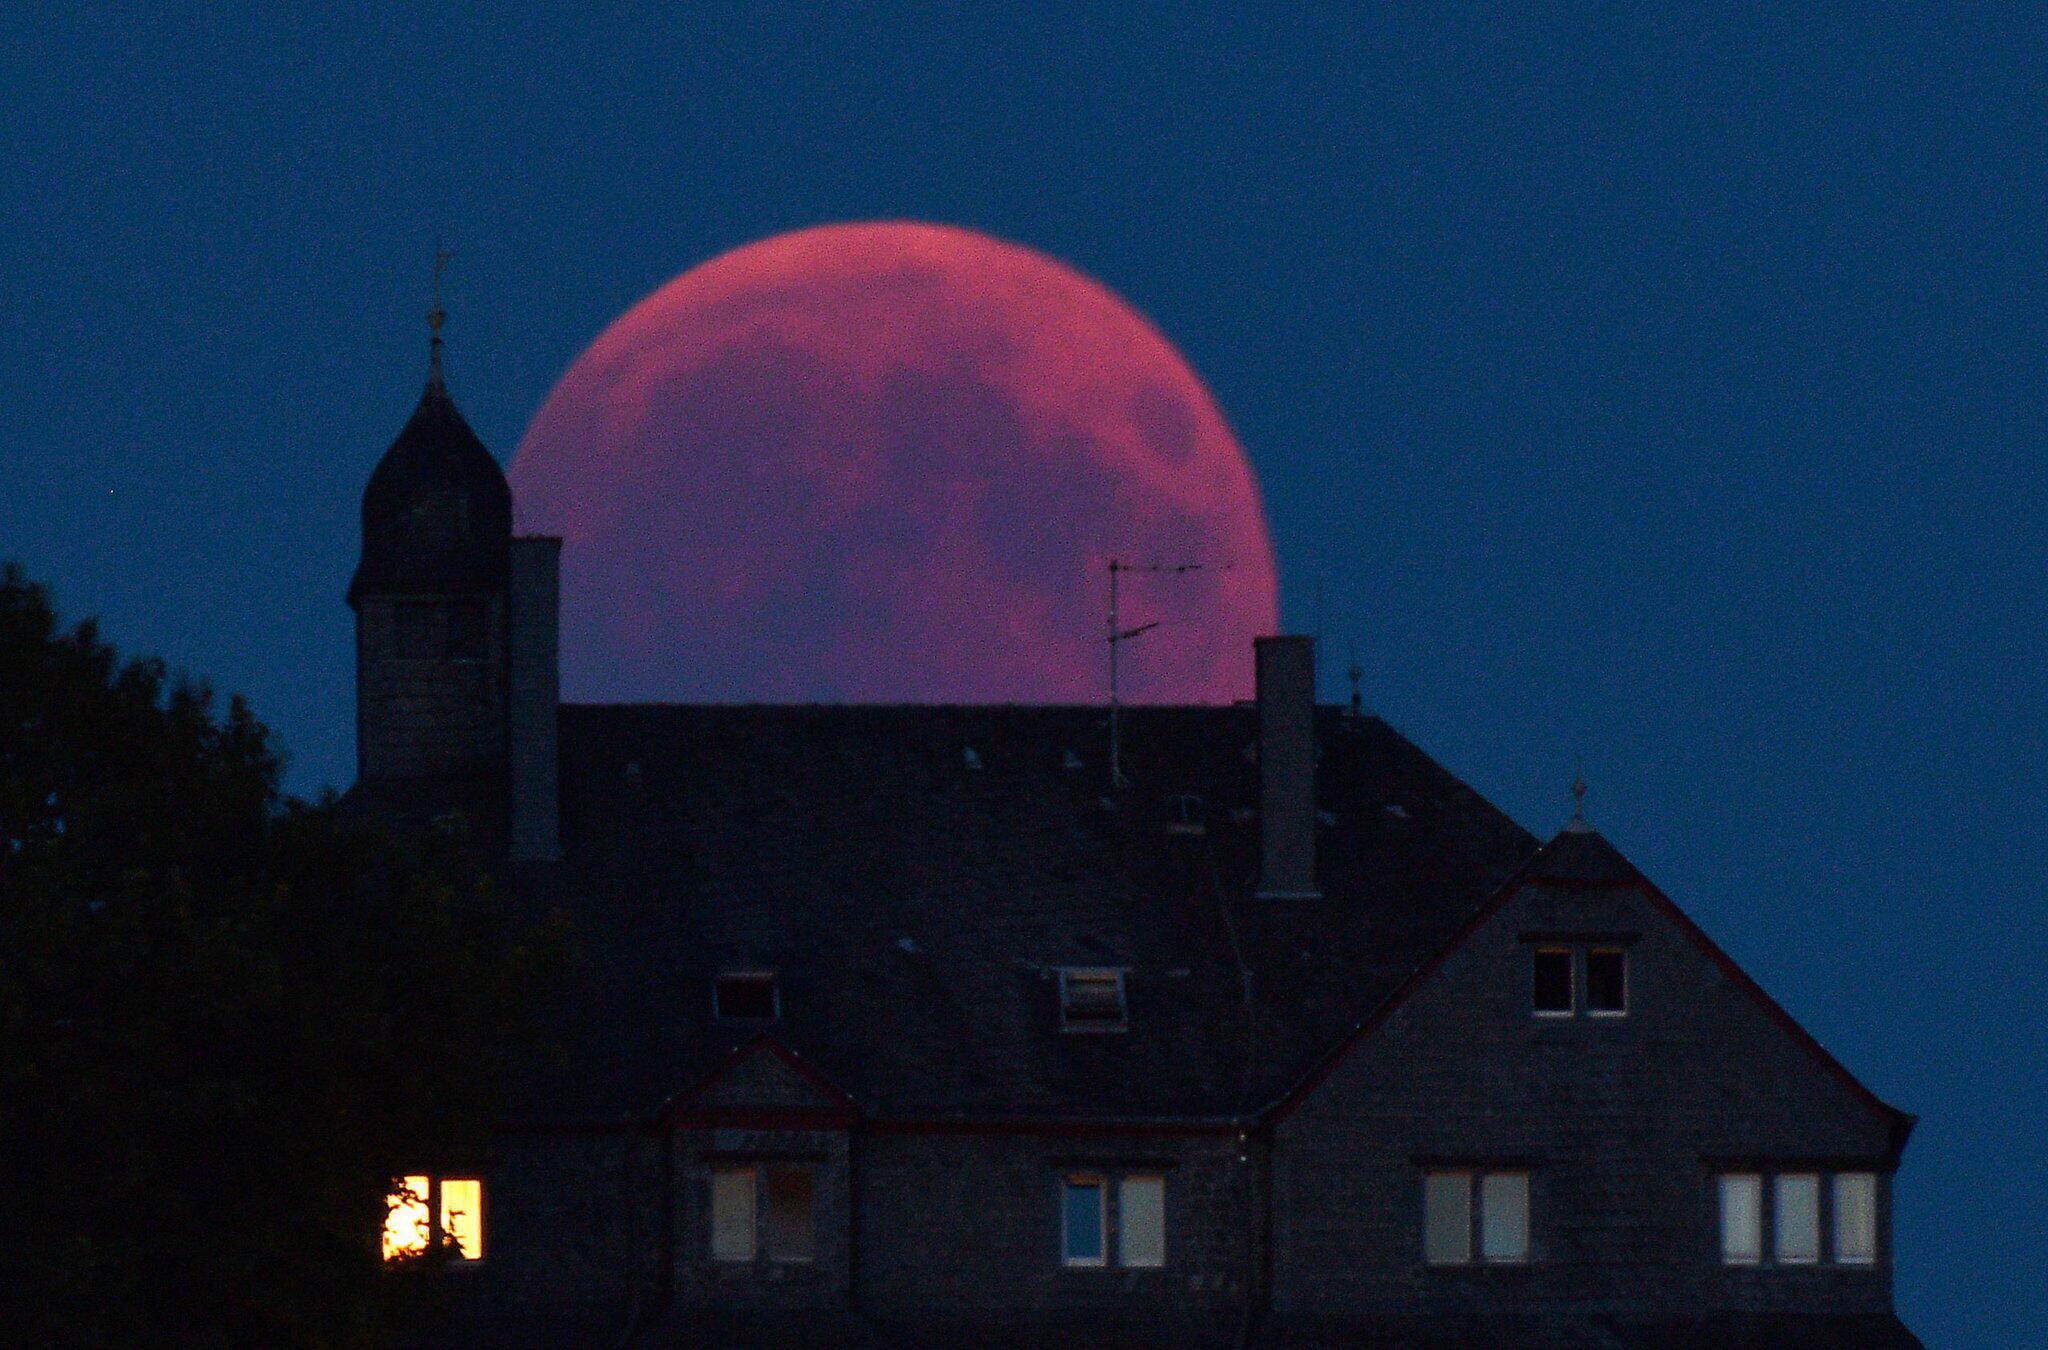 Bild zu Mondfinsternis, Rheinland-Pfalz